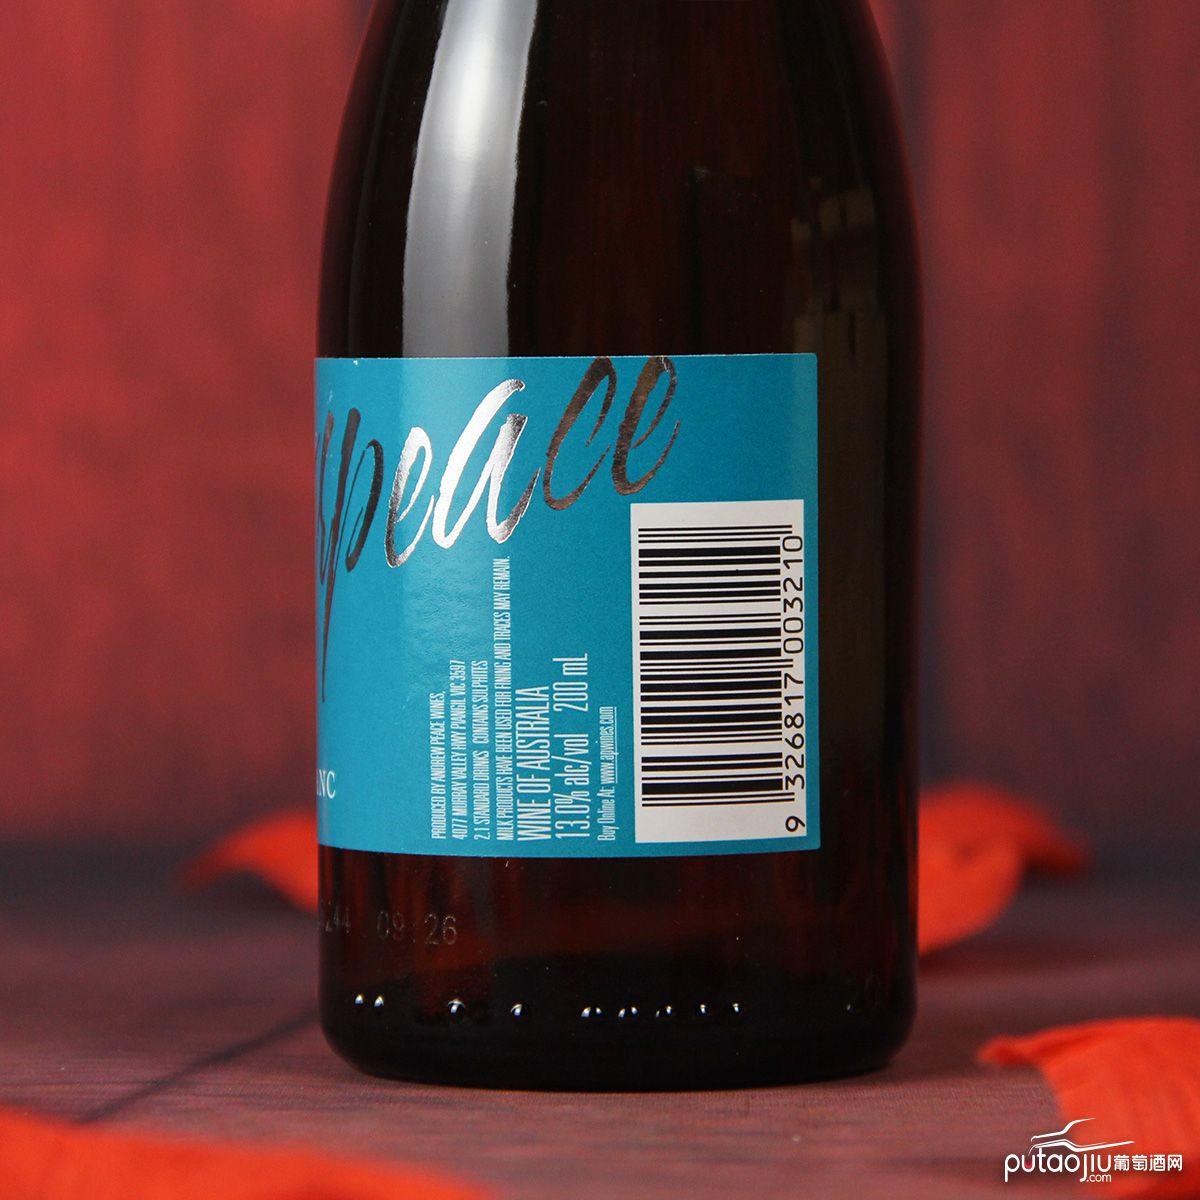 澳大利亚维多利亚安德鲁皮士酒庄皮士大师长相思干白葡萄酒200ML